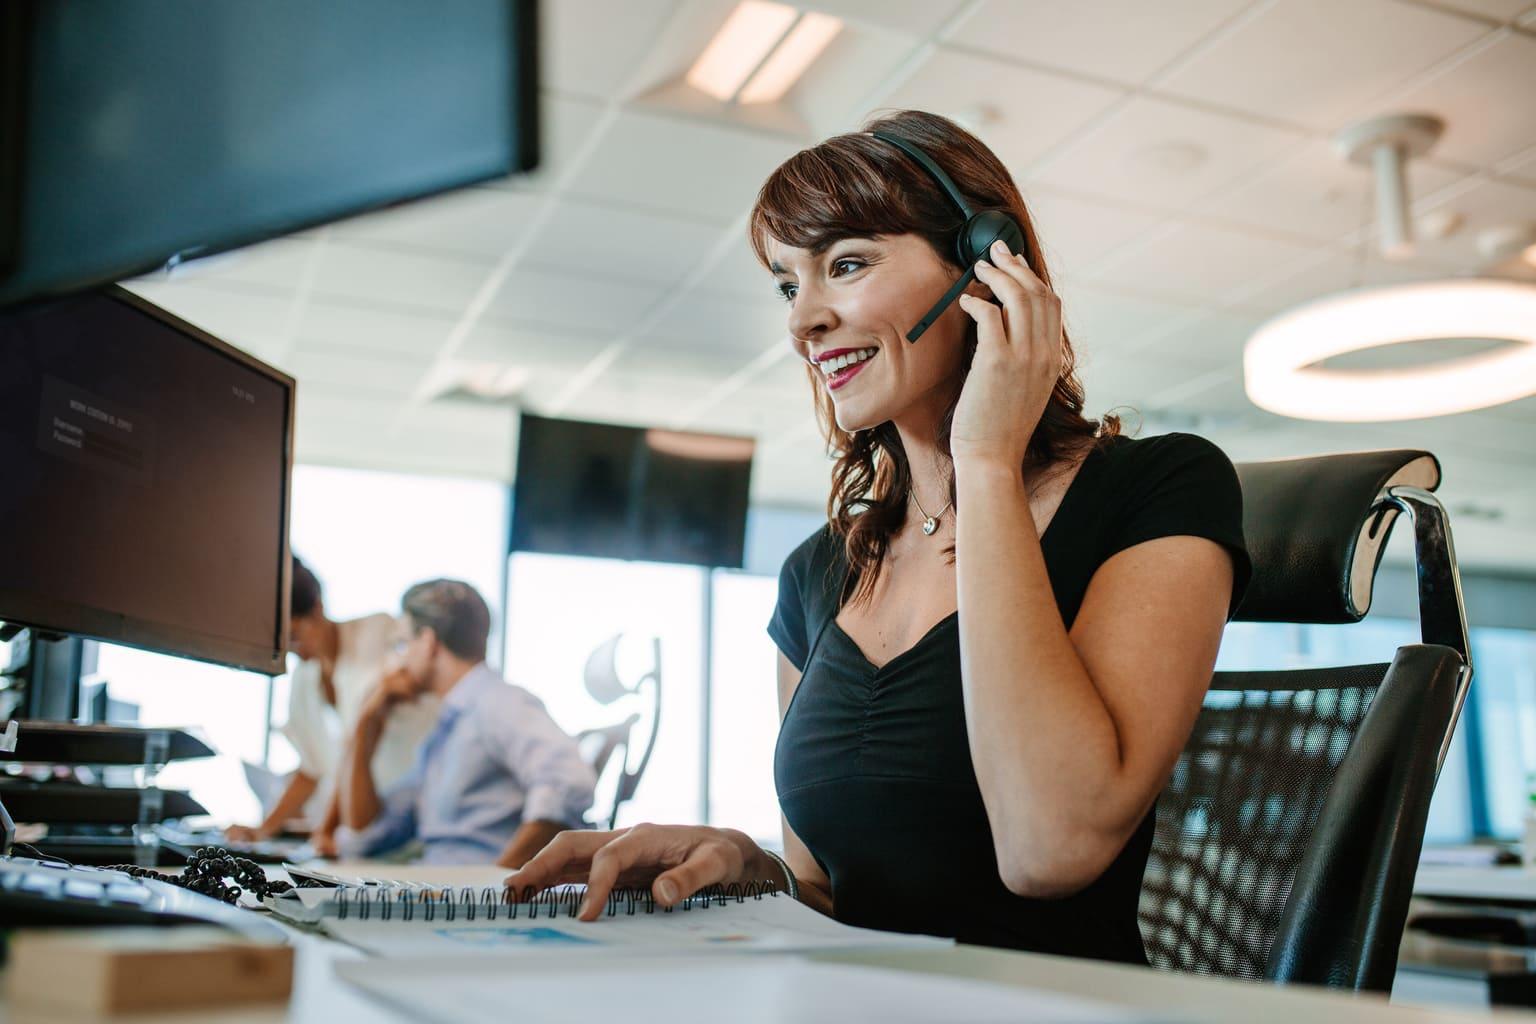 Vrouw met headset doet belastingaangifte via mkb boekhouding software Twinfield